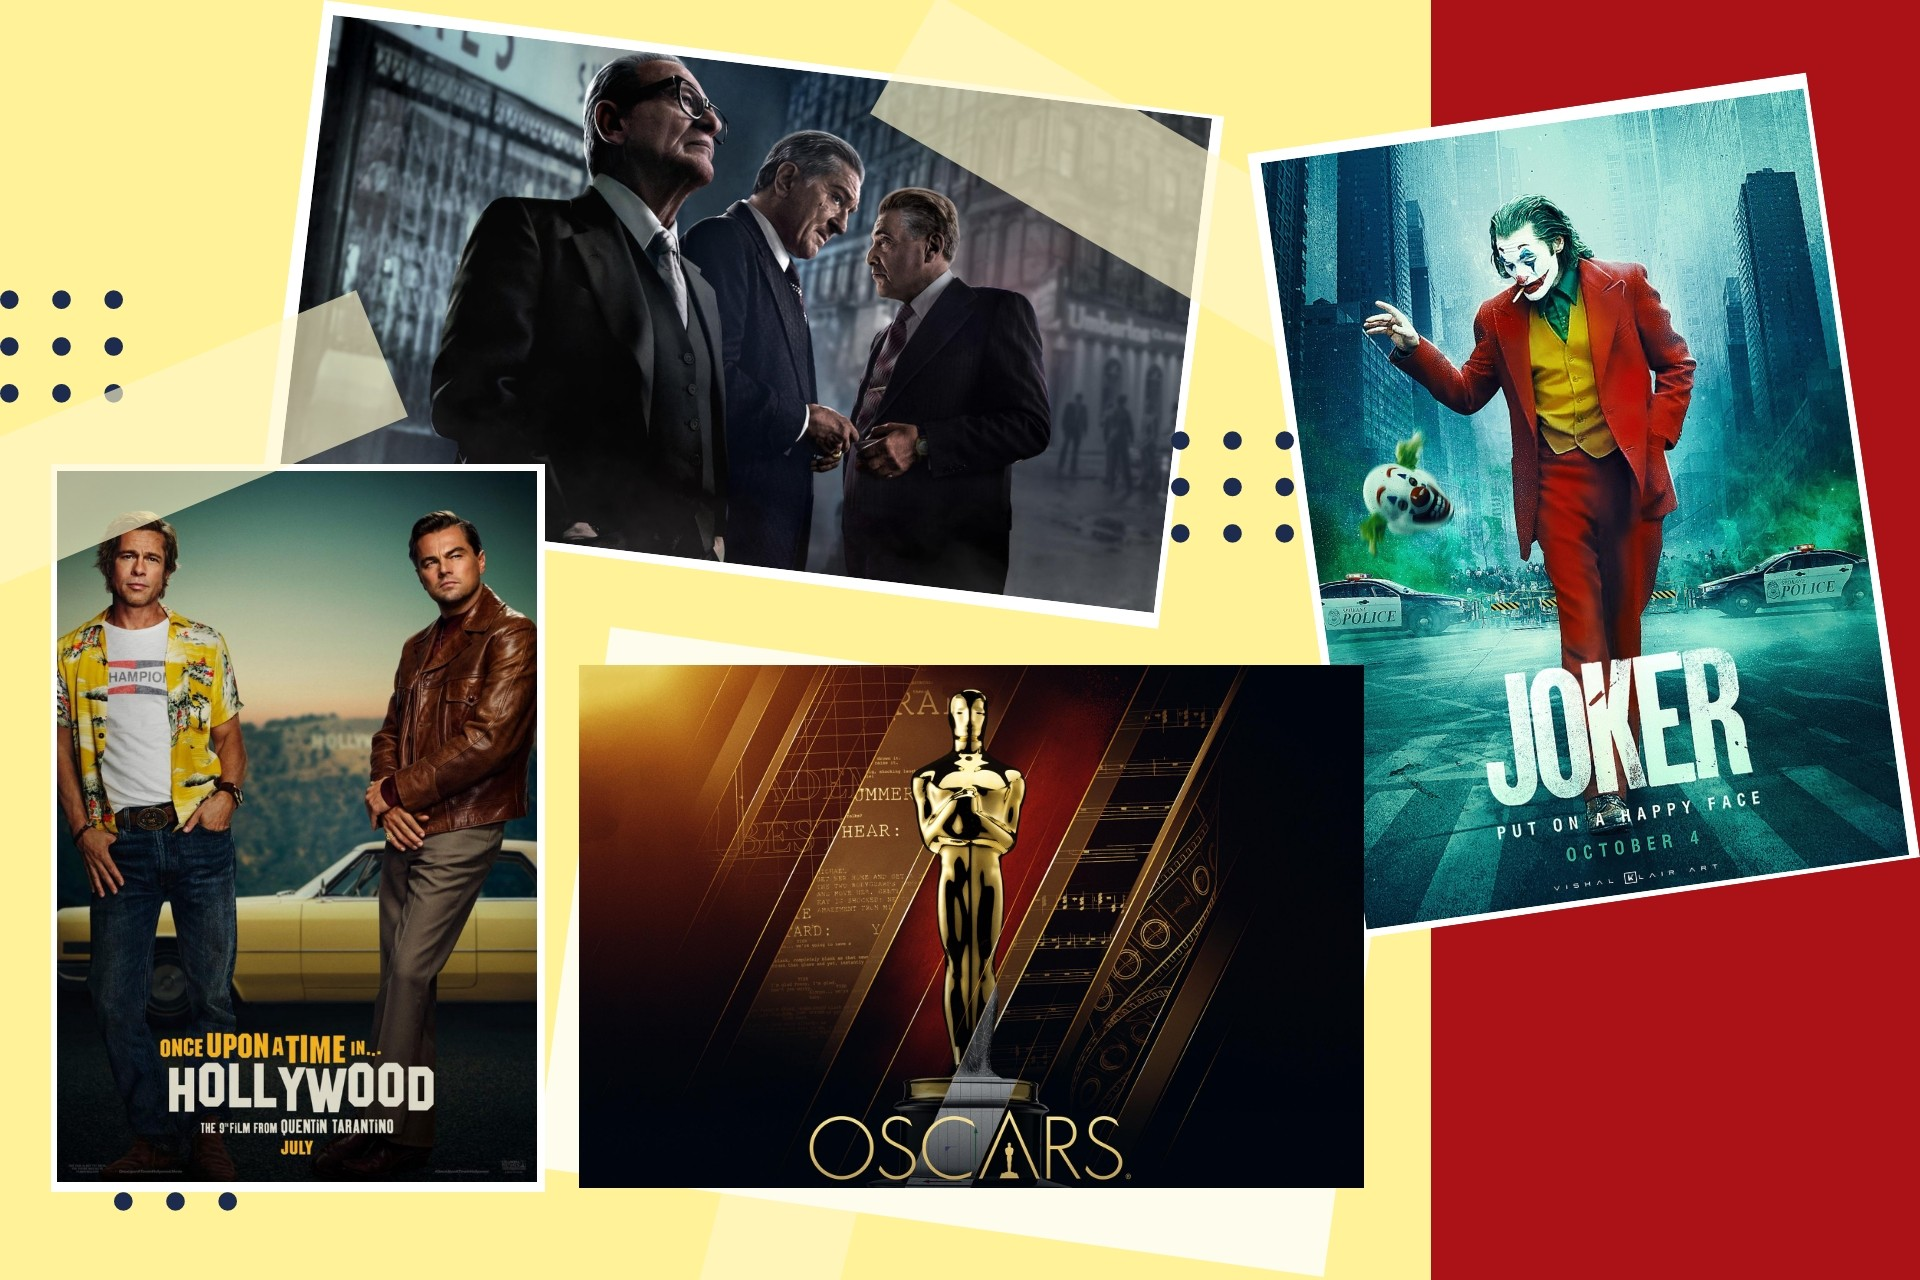 Oscar'a aday gösterilen filmlerin afişleri.